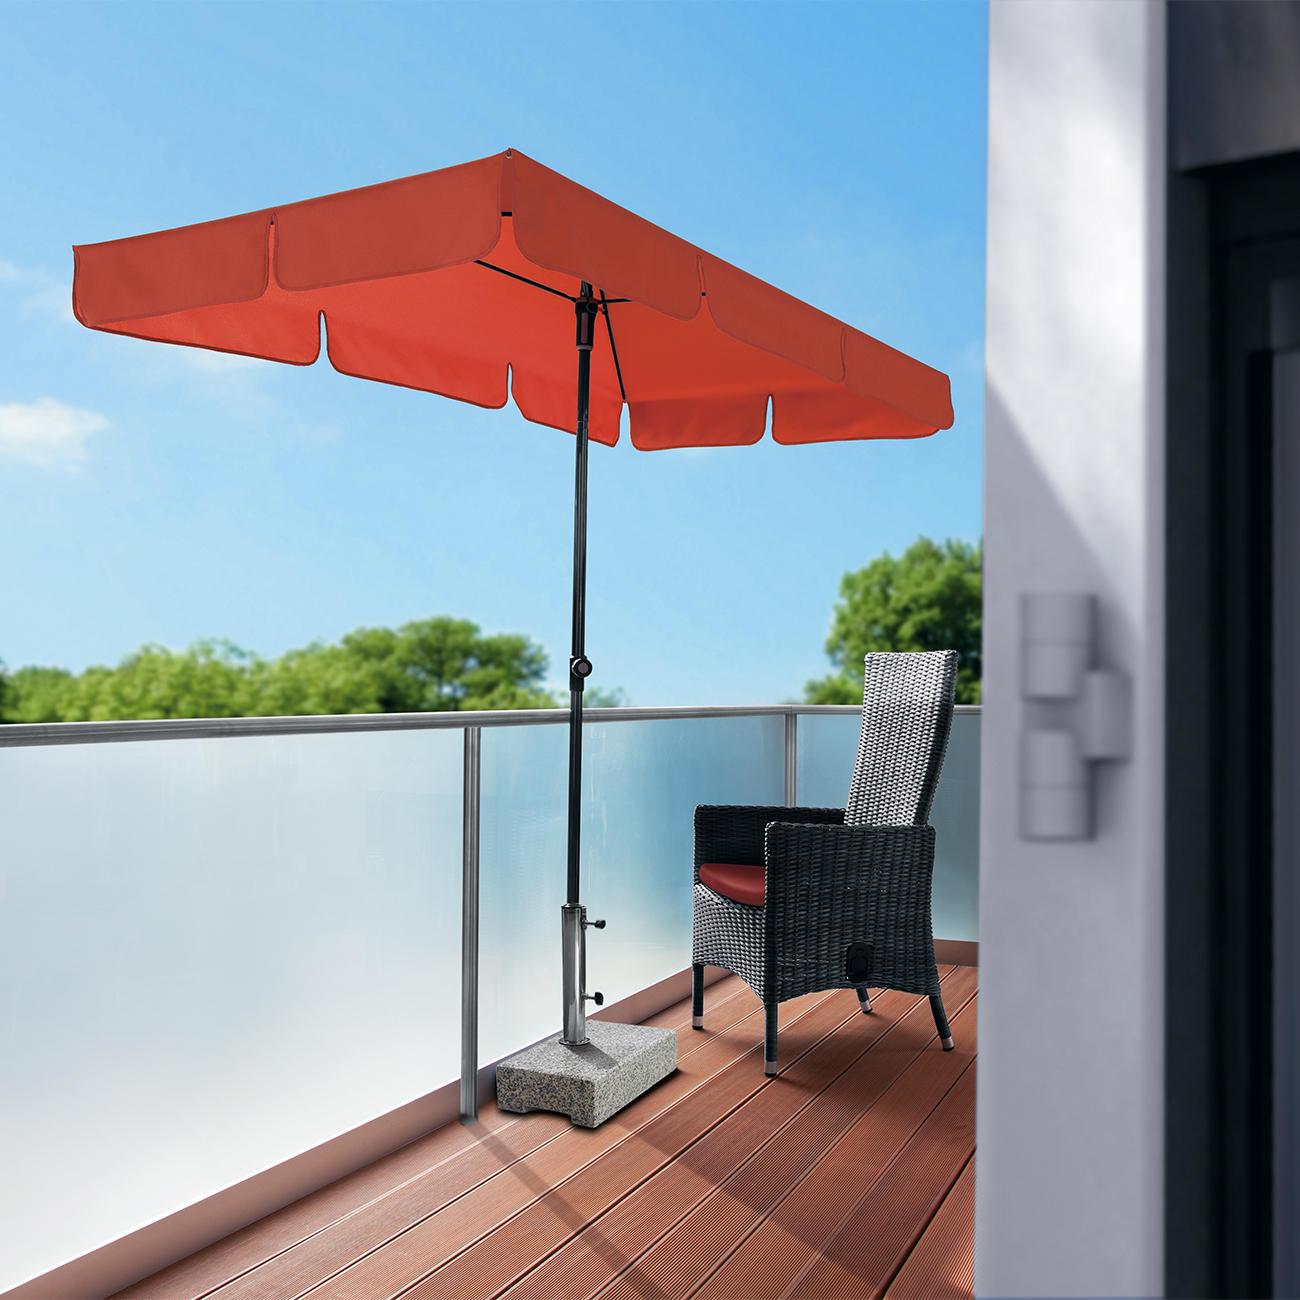 """Balkonschirm """"Sunline Waterproof III"""" Terrakotta L 225 x 120 cm"""